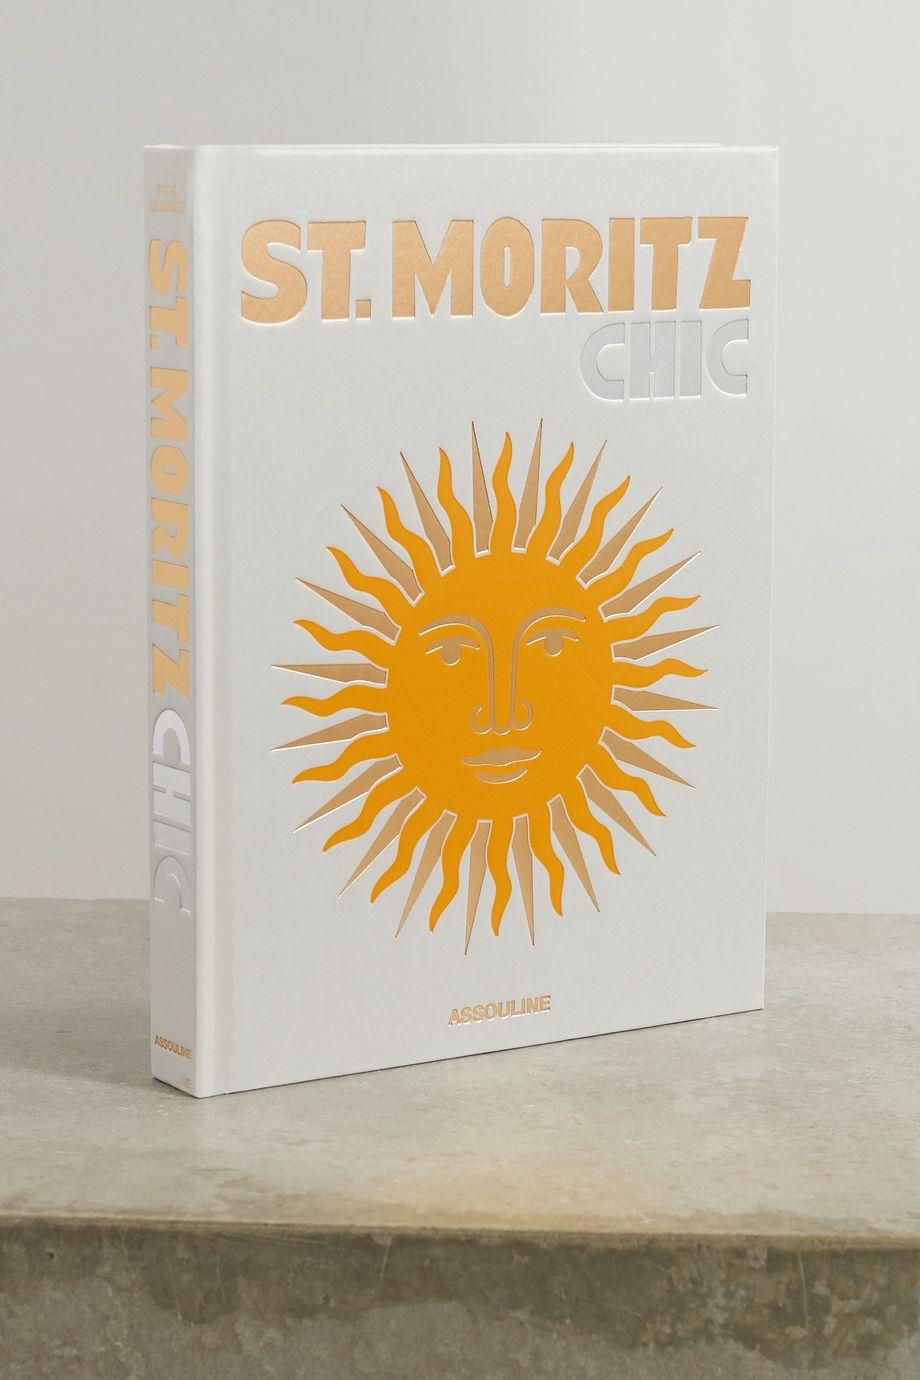 Assouline 《St. Moritz Chic》,作者:Dora Lardelli,硬皮精装本